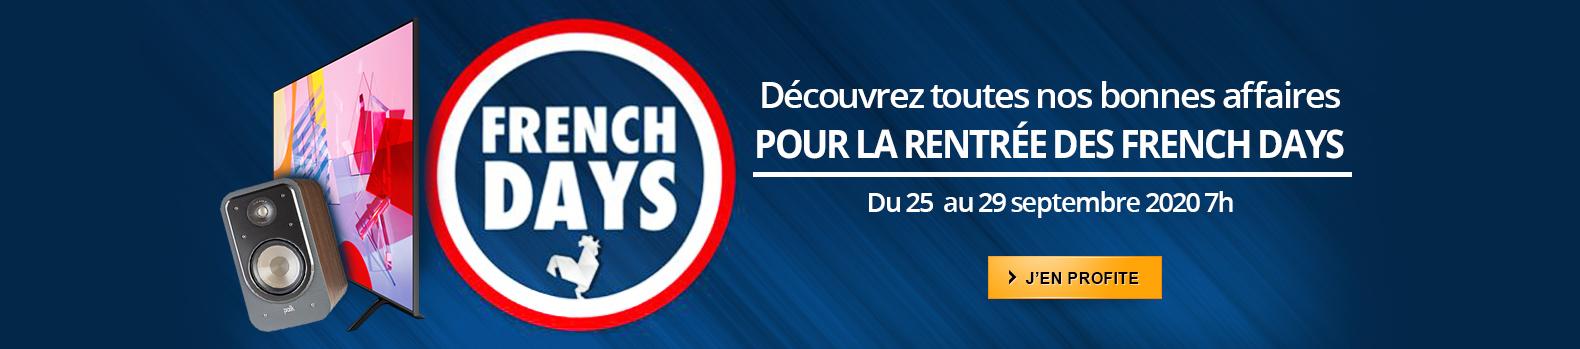 Les French Days font leur rentrée juqu'au 29 septembre 2020 7h